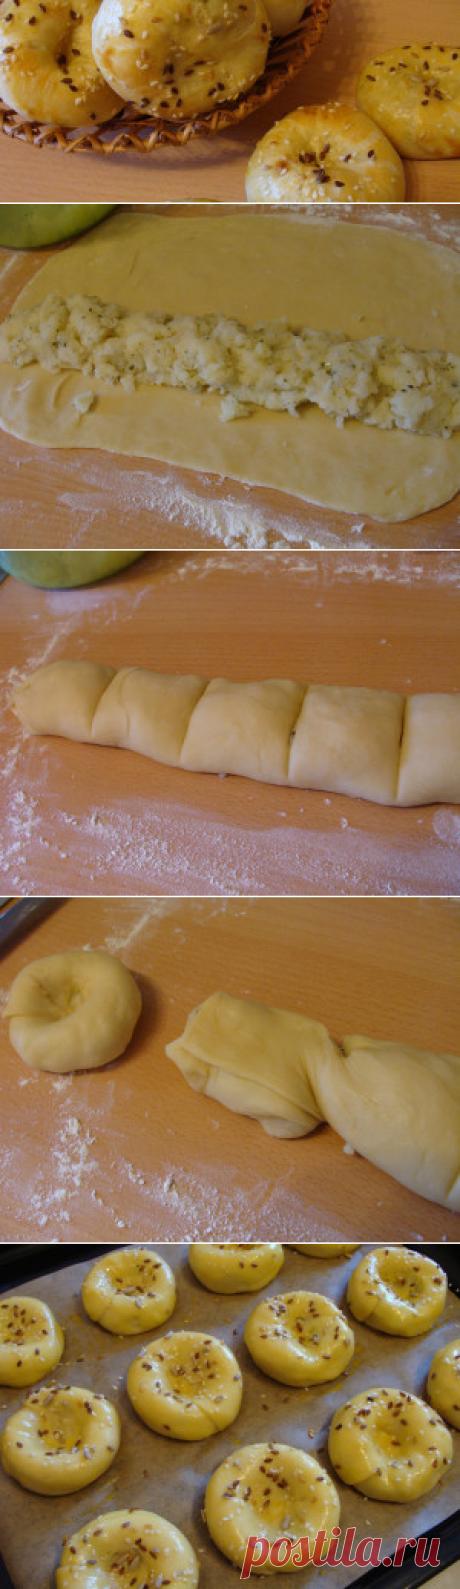 Белорусская булочка Кныш - Вкусный день - пошаговое фото | Вкусный день